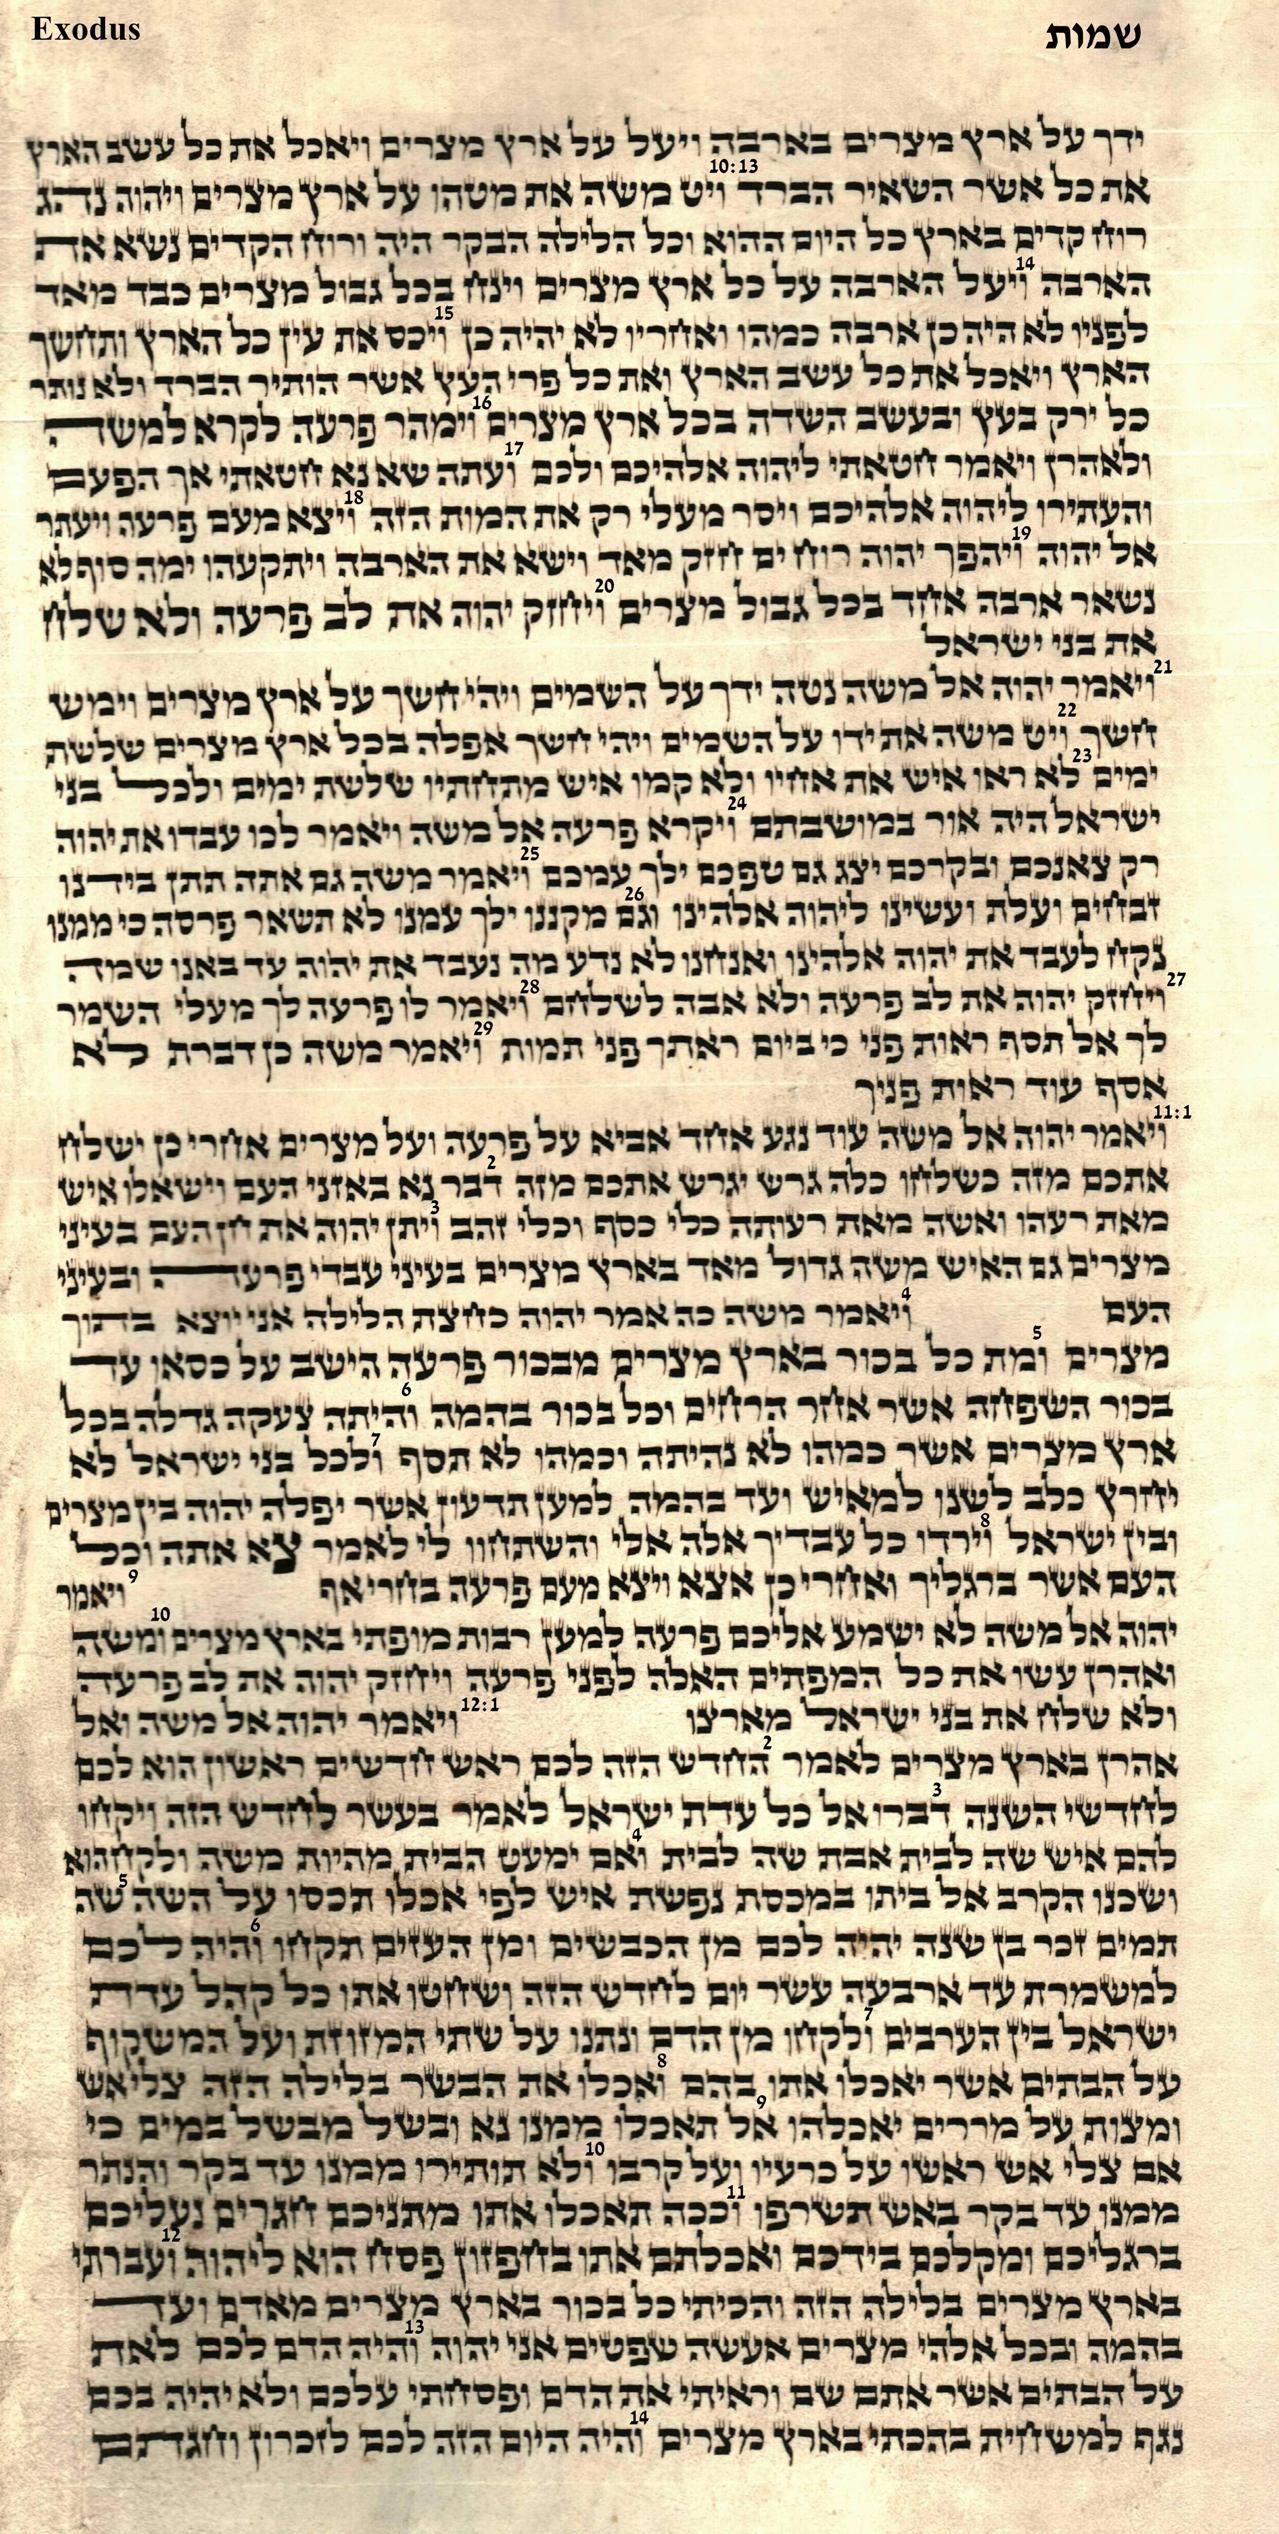 Exodus 10.13 - 12.14